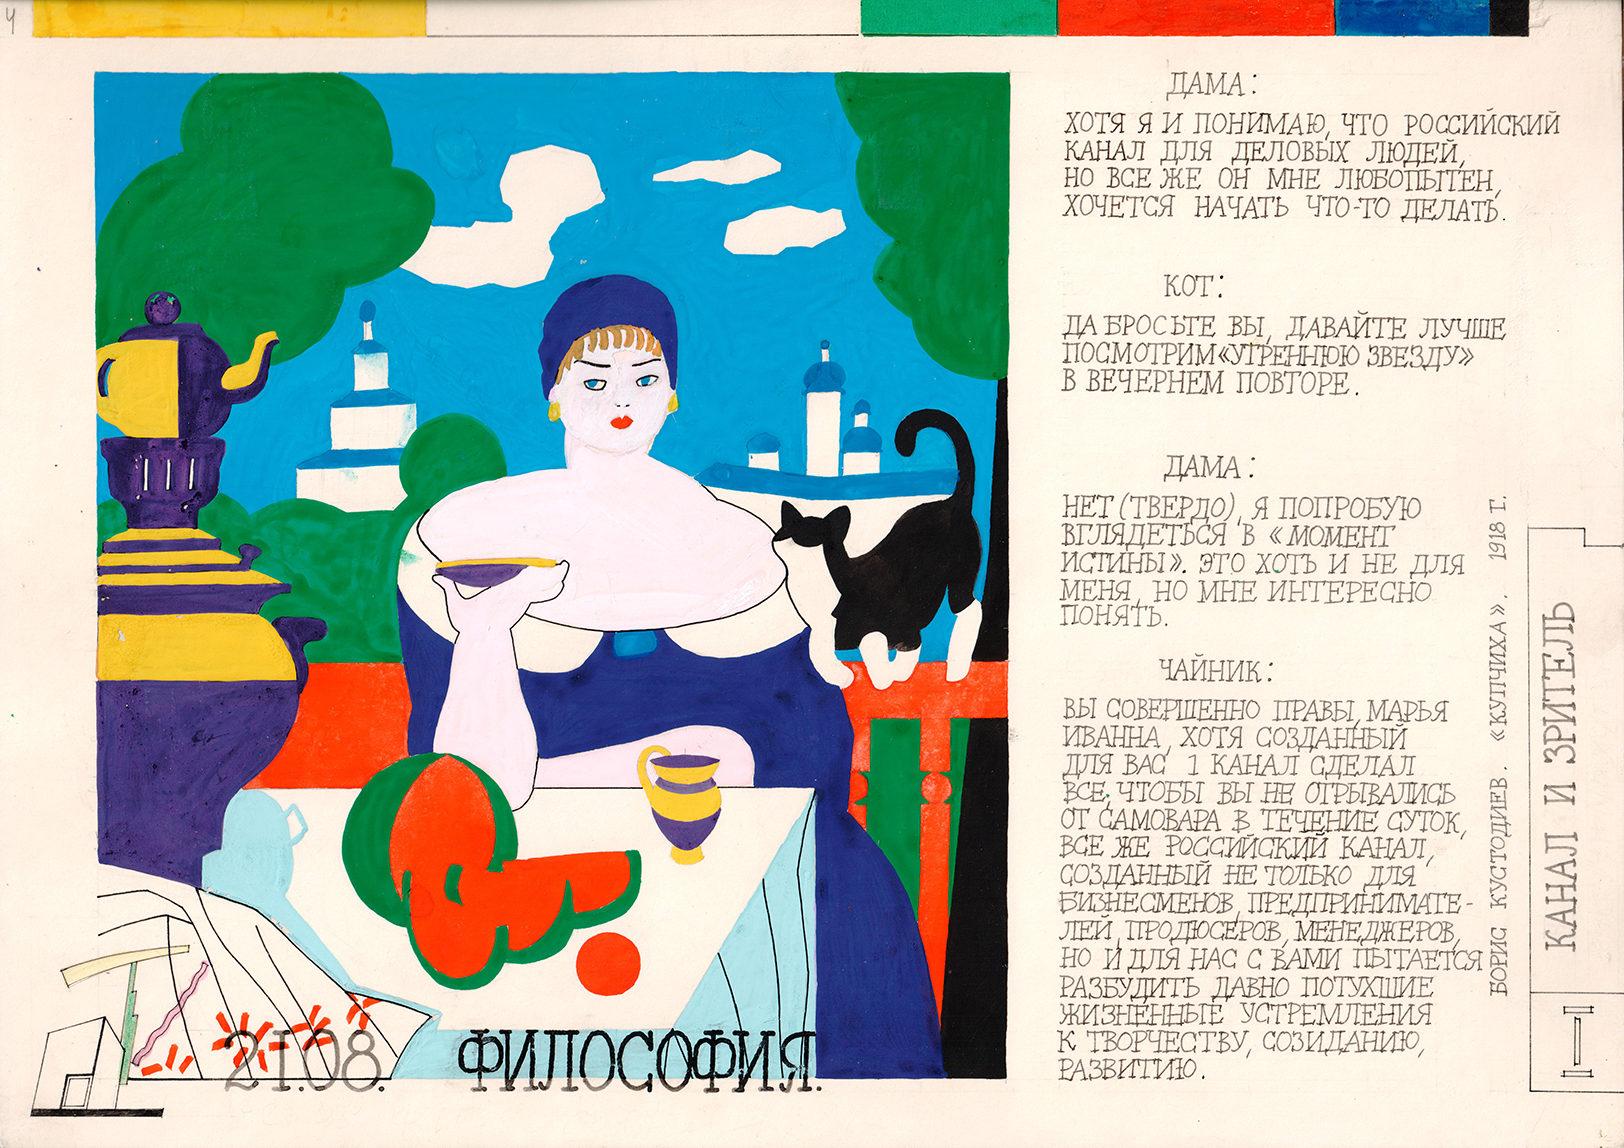 Выставка «Реконструкция 90-х. Медиакультура. Взгляд из будущего» в галерее «Выхино» – события на сайте «Московские Сезоны»